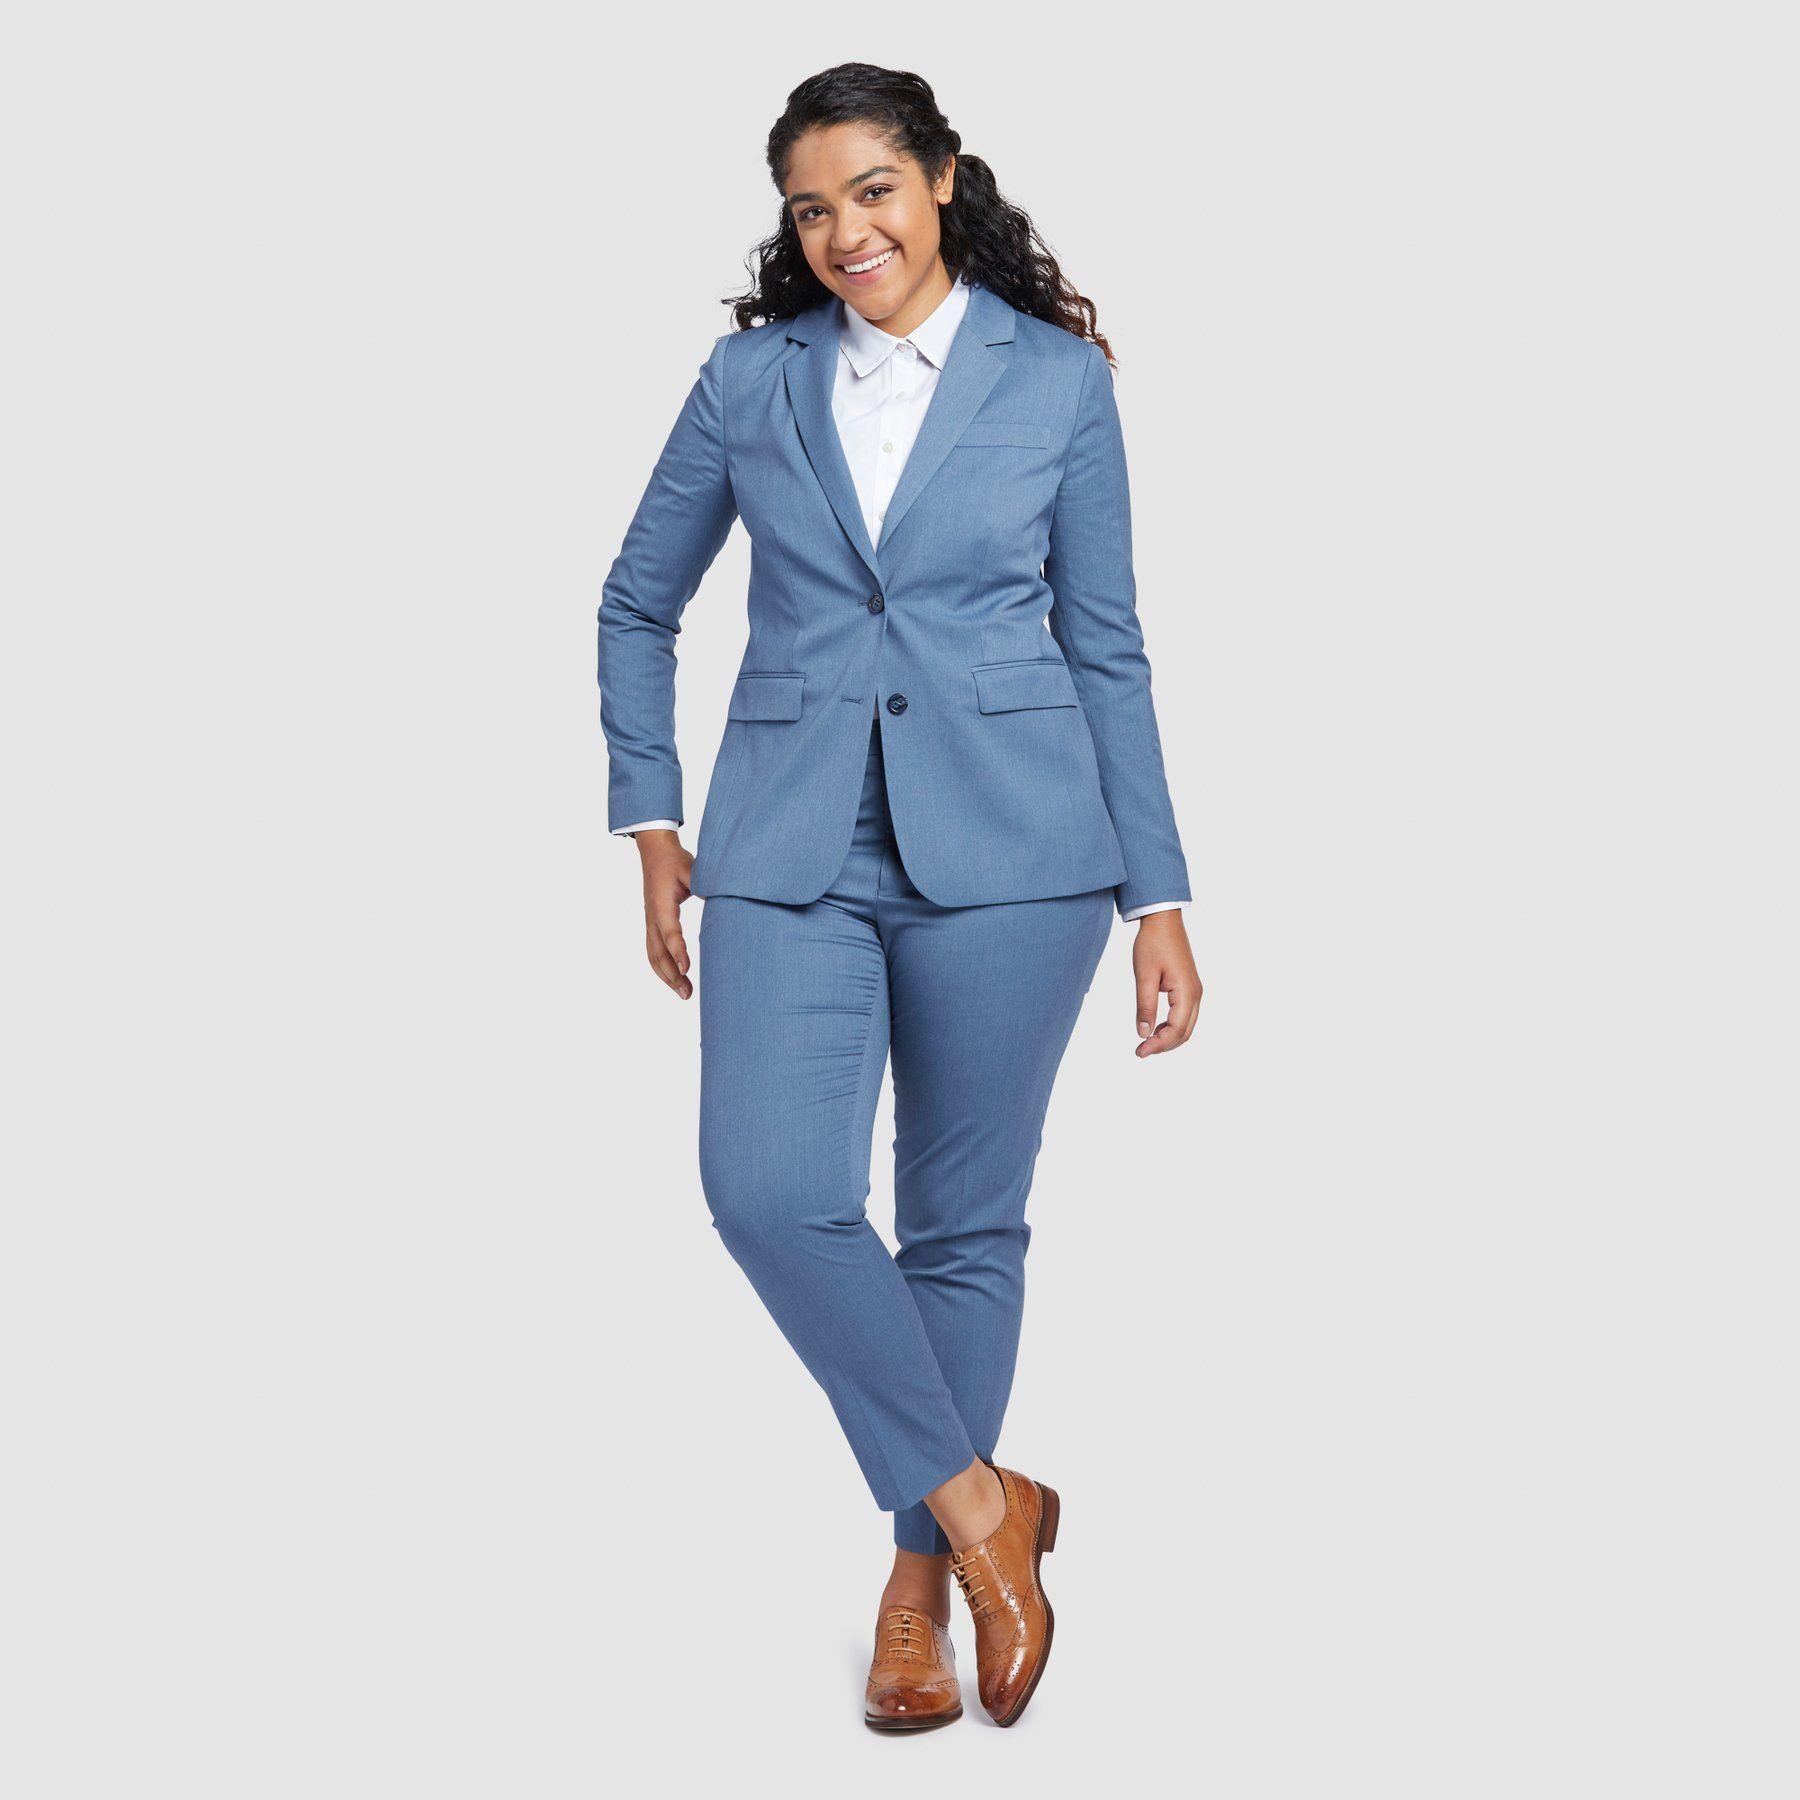 Light Blue Pant Suit Womens